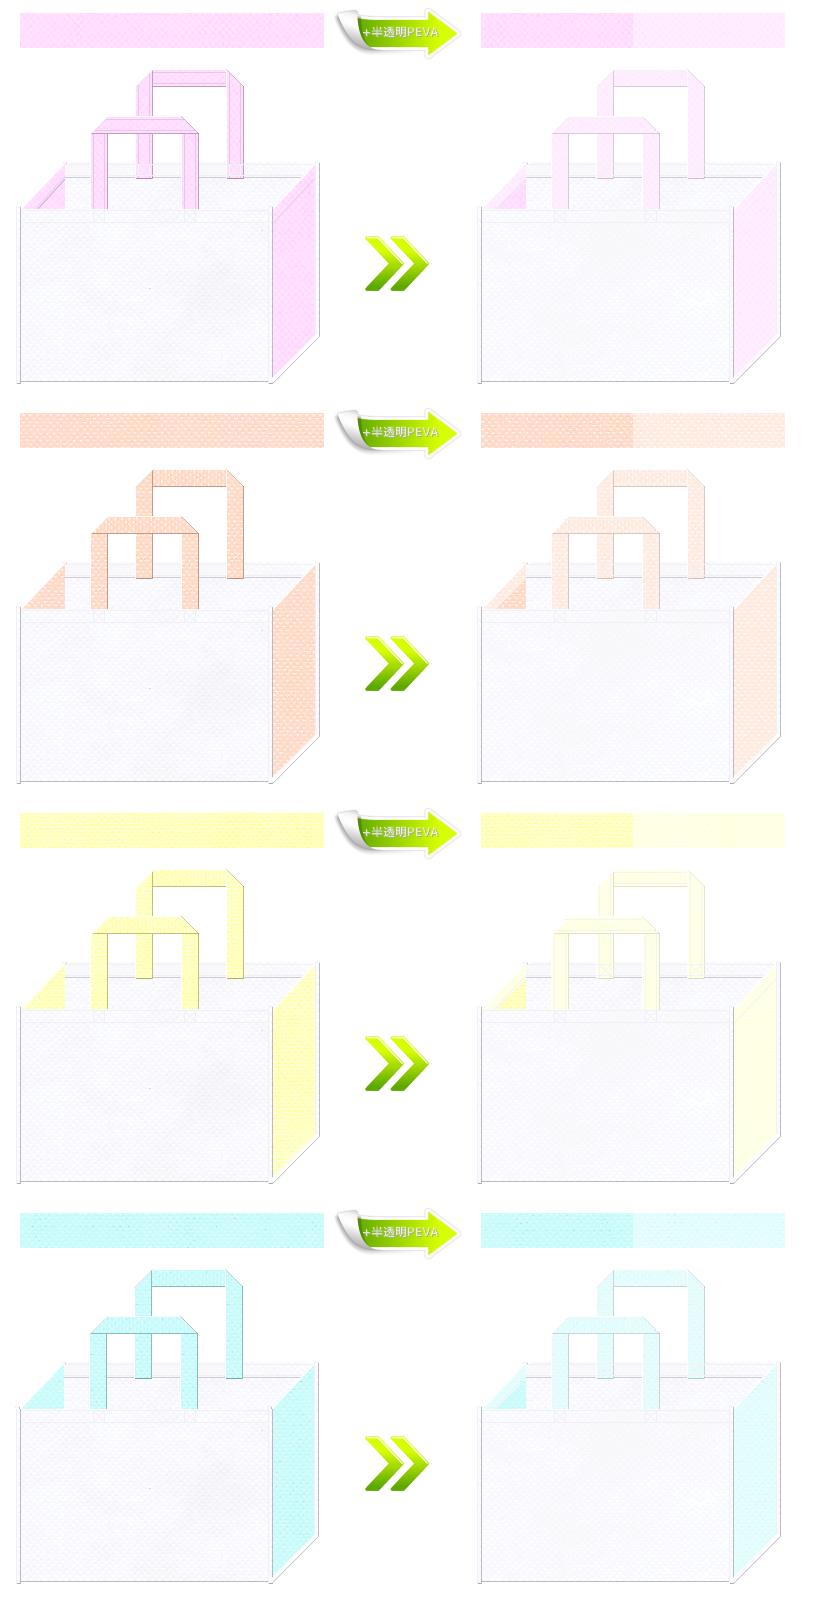 パステルカラーの不織布バッグオリジナル制作